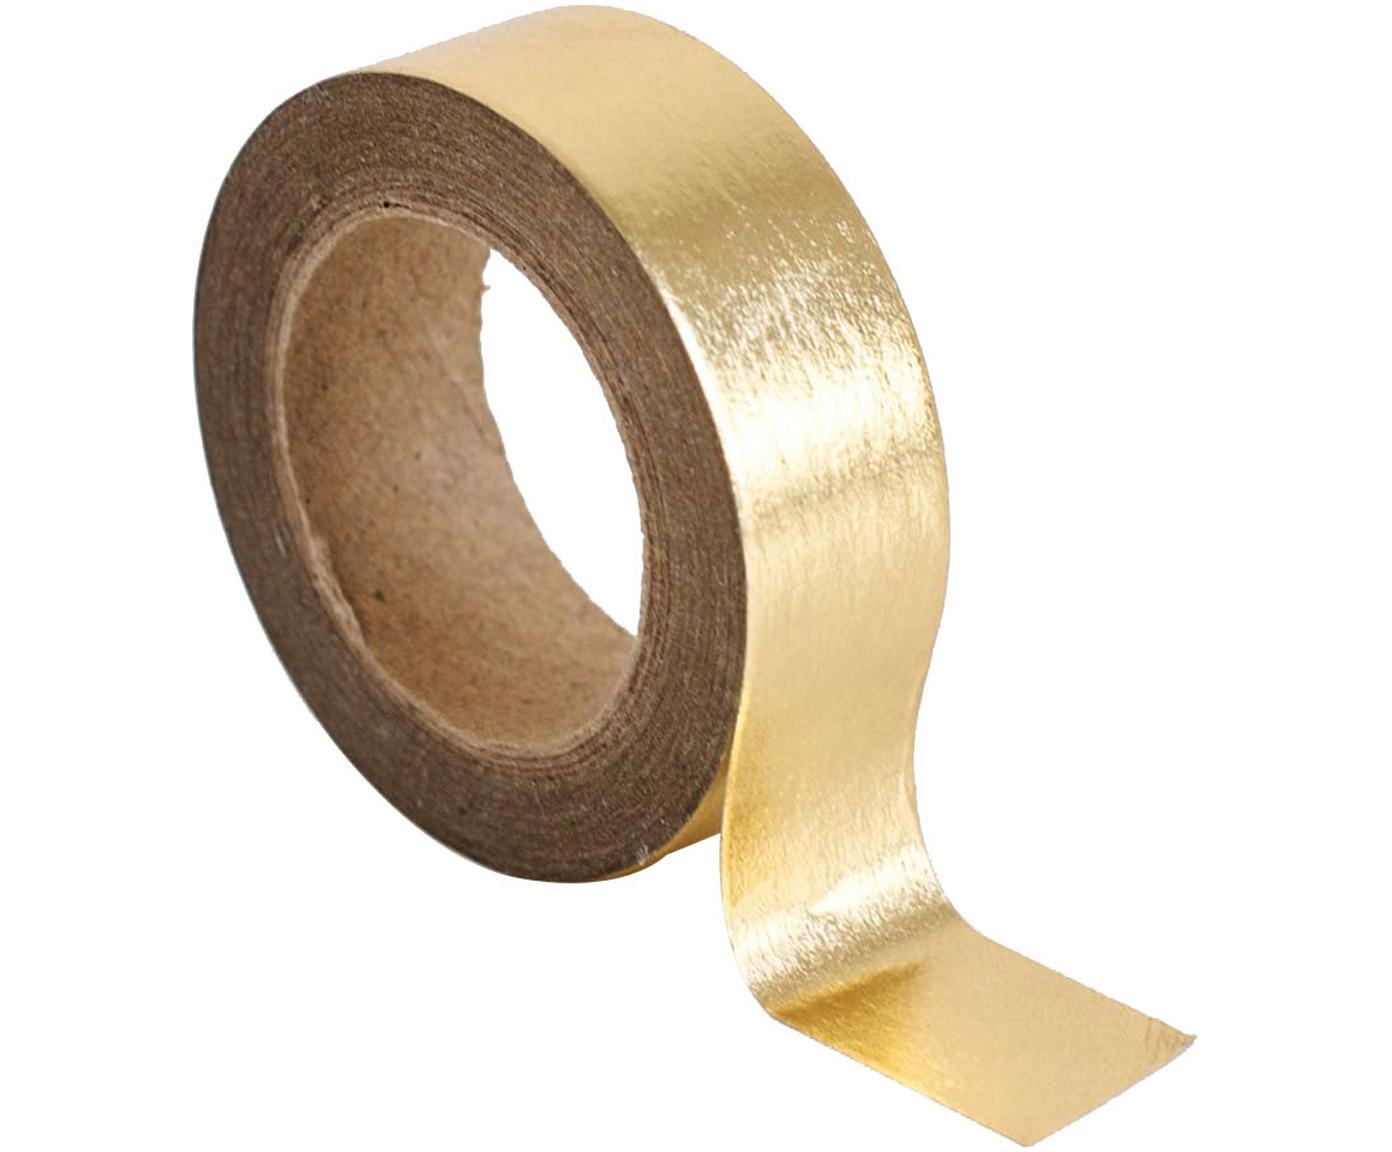 Nastro adesivo Gold 3 pz, Materiale sintetico, Dorato, Lung. 1000 cm